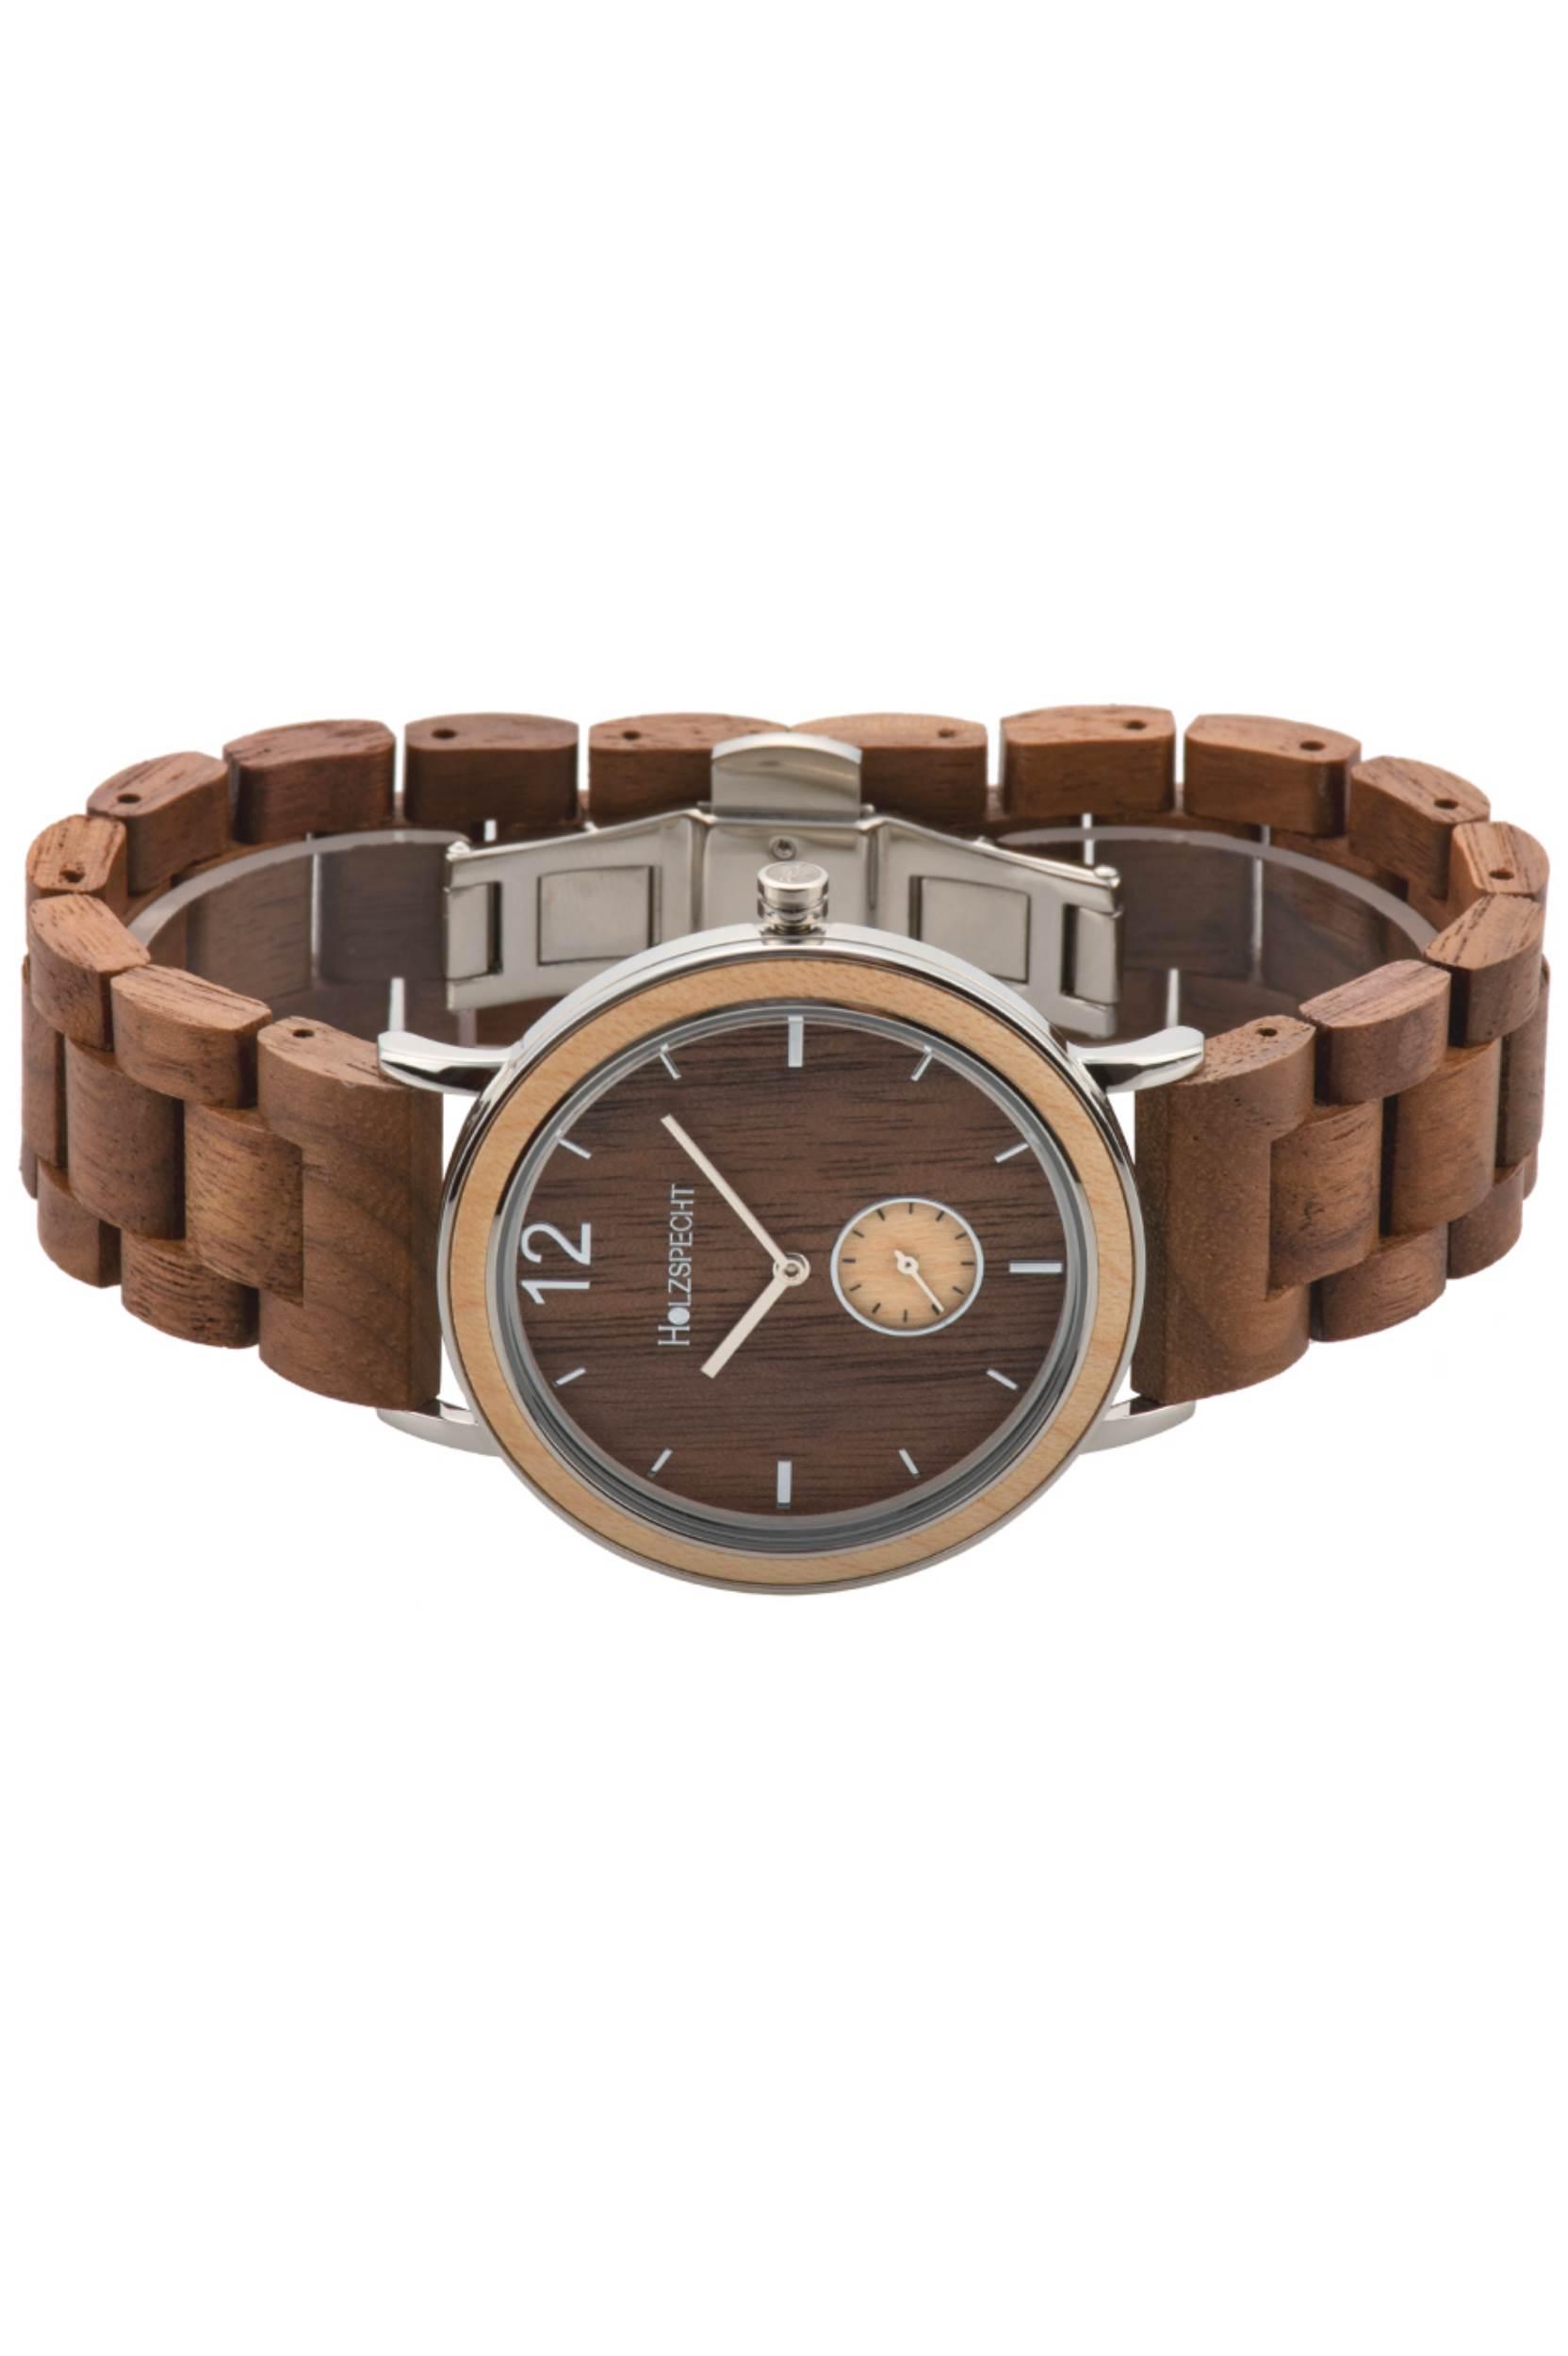 Holzspecht Wristwatch Karwendel Maple Walnut